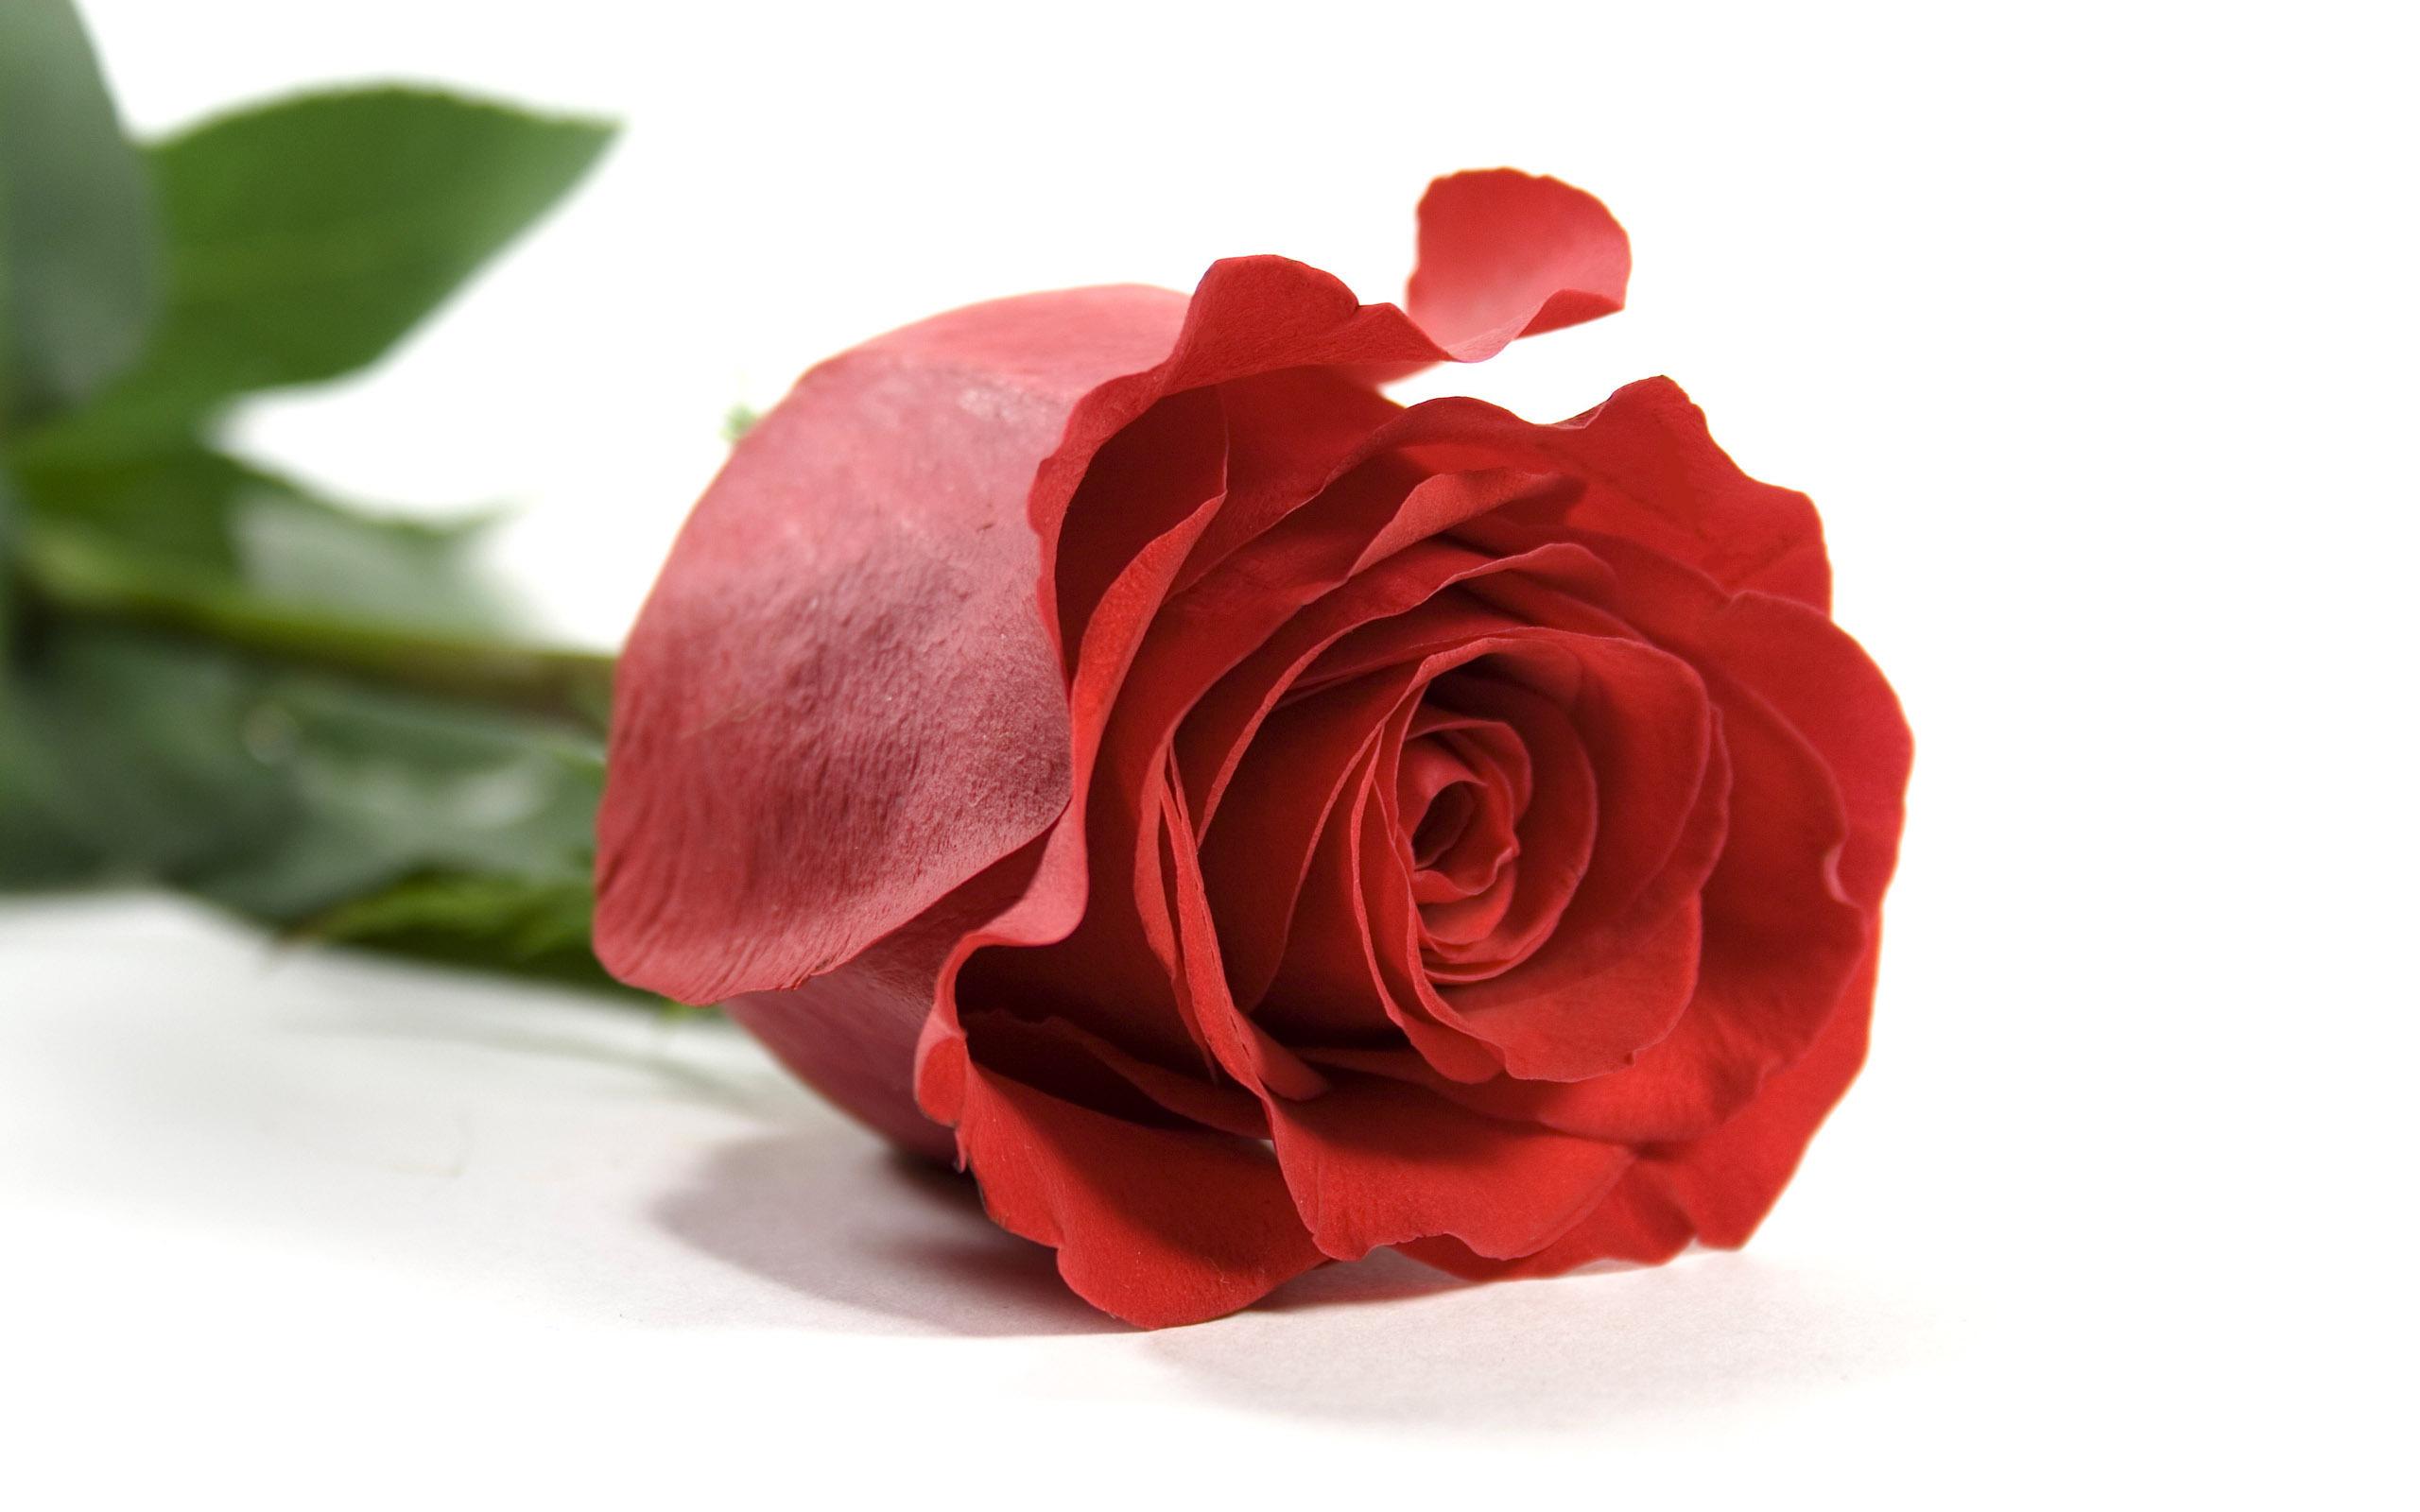 Красная роза на белом фоне  обои для рабочего стола